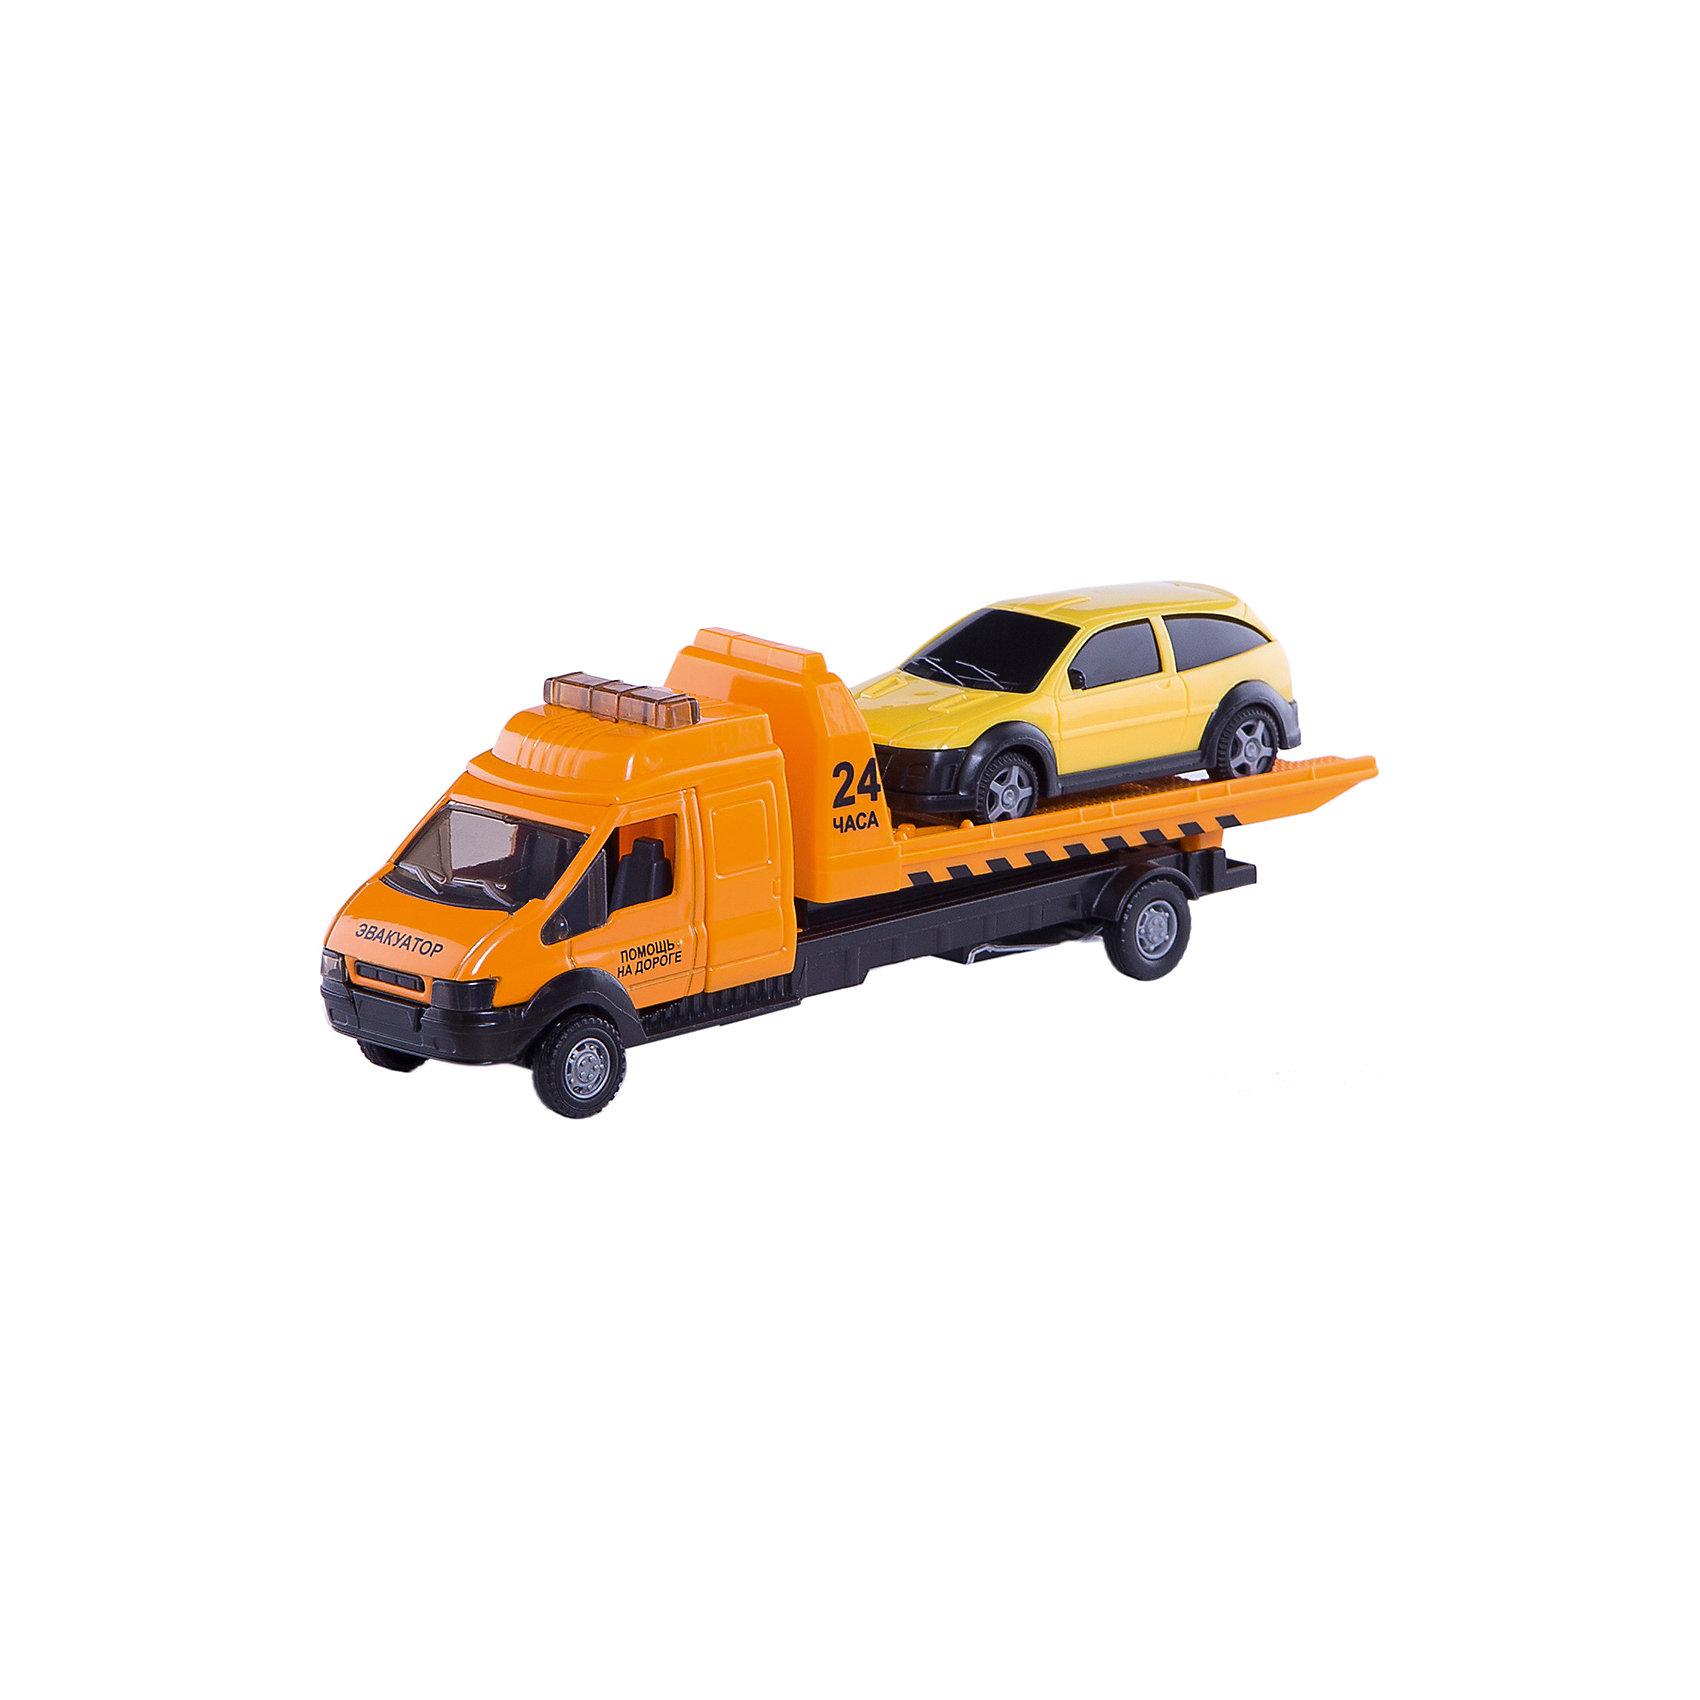 Машинка Recovery Truck эвакуатор 1:48, AutotimeМашинки<br>Характеристики товара:<br><br>• цвет: красный, желтый<br>• возраст: от 3 лет<br>• материал: металл, пластик<br>• масштаб: 1:48<br>• эвакуатор в комплекте<br>• колеса вращаются<br>• размер упаковки: 25х6х11 см<br>• вес с упаковкой: 300 г<br>• страна бренда: Россия, Китай<br>• страна изготовитель: Китай<br><br>Такая машинка представляет собой миниатюрную копию машины с эвакуатором. Она отличается высокой детализацией, является коллекционной моделью. <br><br>Сделана машинка из прочного и безопасного материала. Корпус - из металла и пластика. <br><br>Машинку «Recovery Truck эвакуатор 1:48», Autotime (Автотайм) можно купить в нашем интернет-магазине.<br><br>Ширина мм: 362<br>Глубина мм: 114<br>Высота мм: 146<br>Вес г: 15<br>Возраст от месяцев: 36<br>Возраст до месяцев: 2147483647<br>Пол: Мужской<br>Возраст: Детский<br>SKU: 5584144